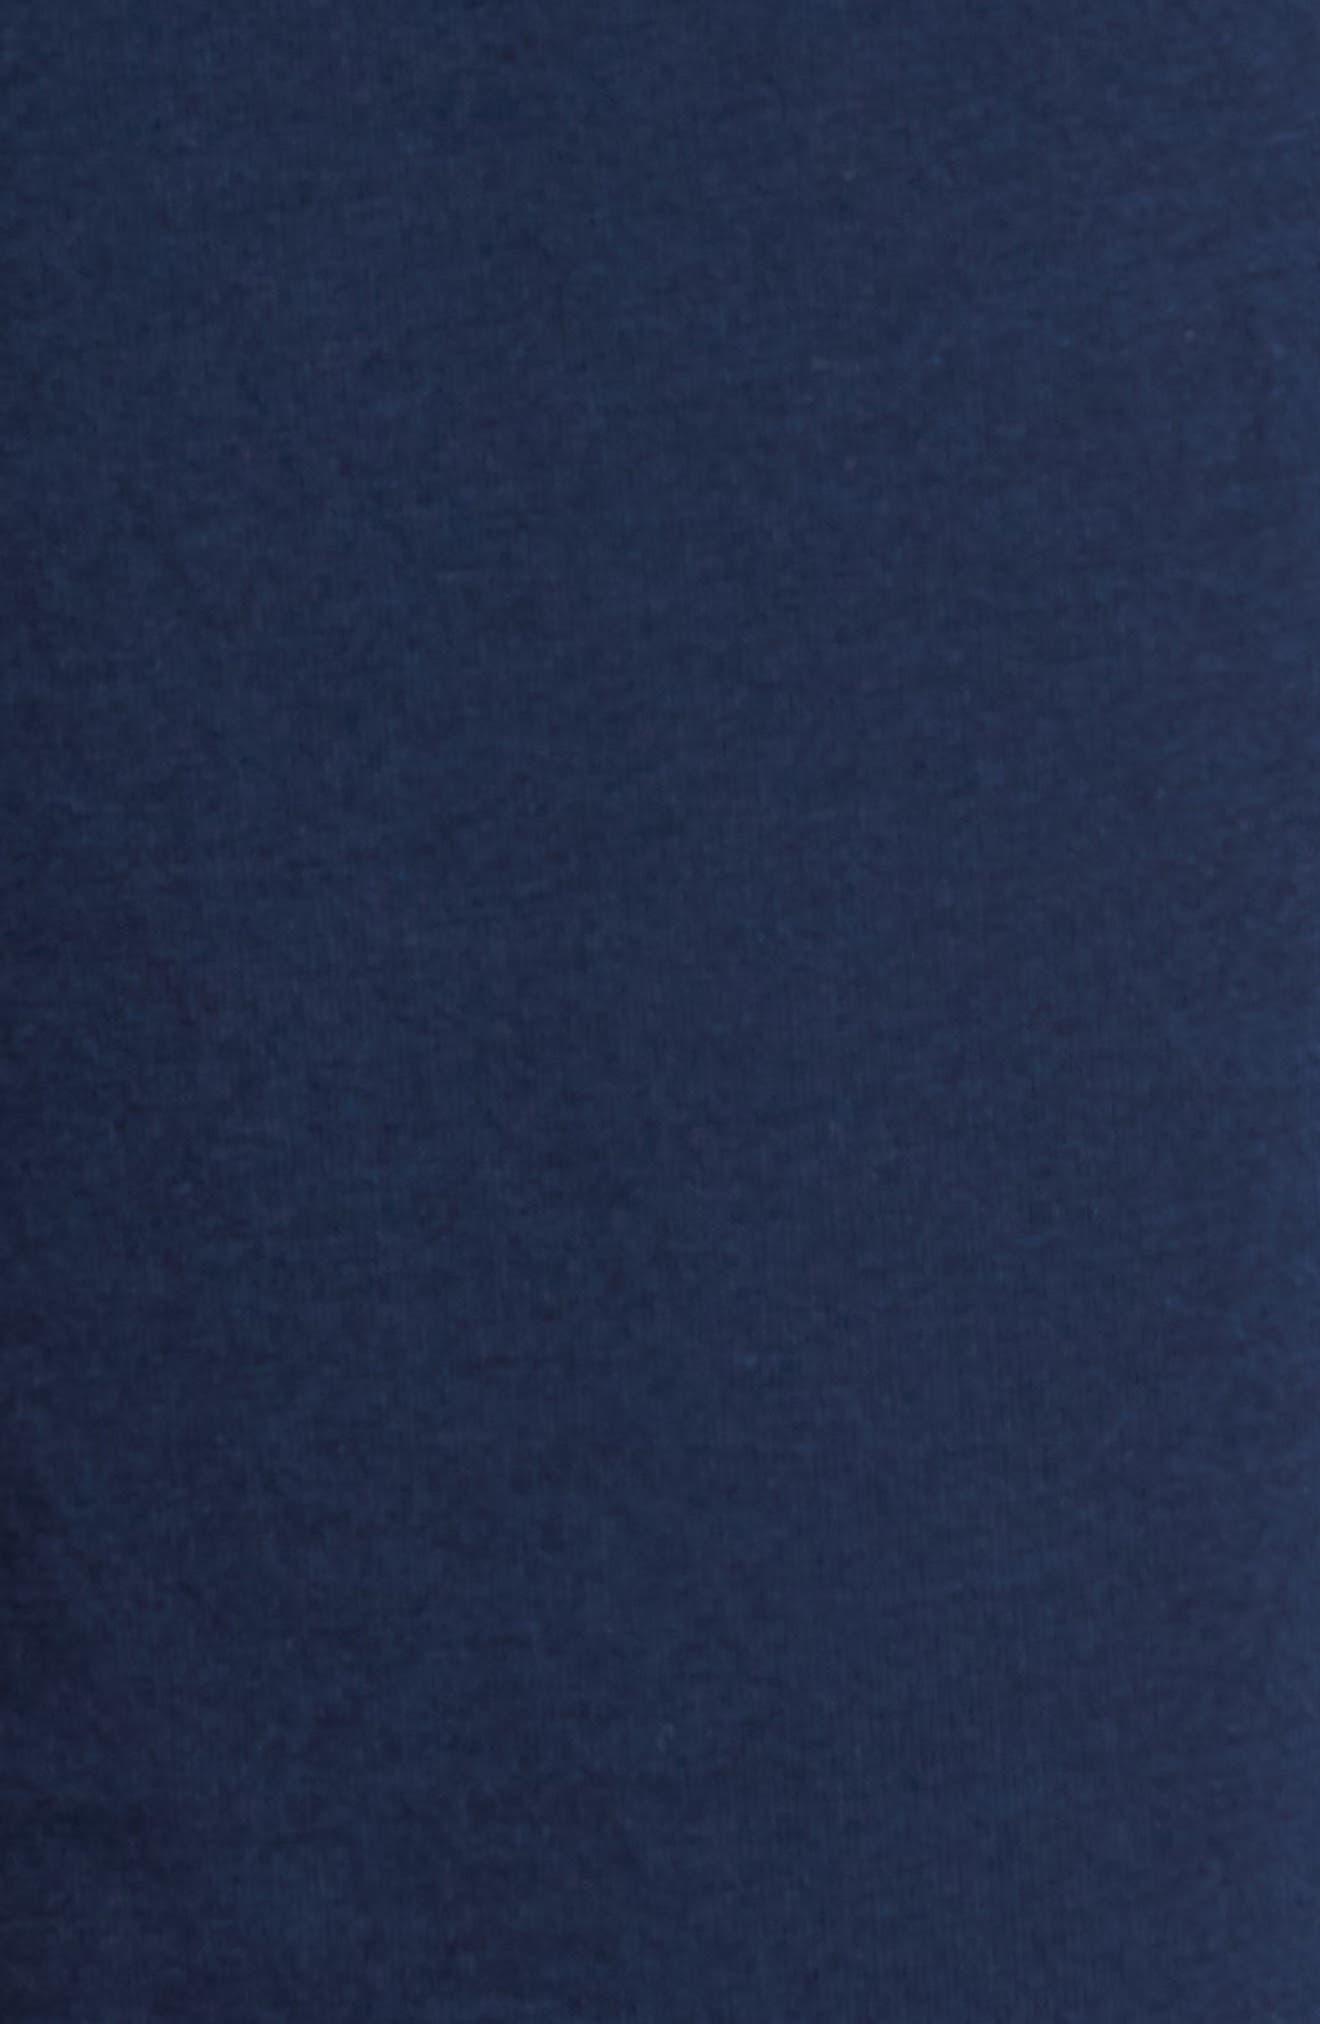 Knit Shorts,                             Alternate thumbnail 5, color,                             410